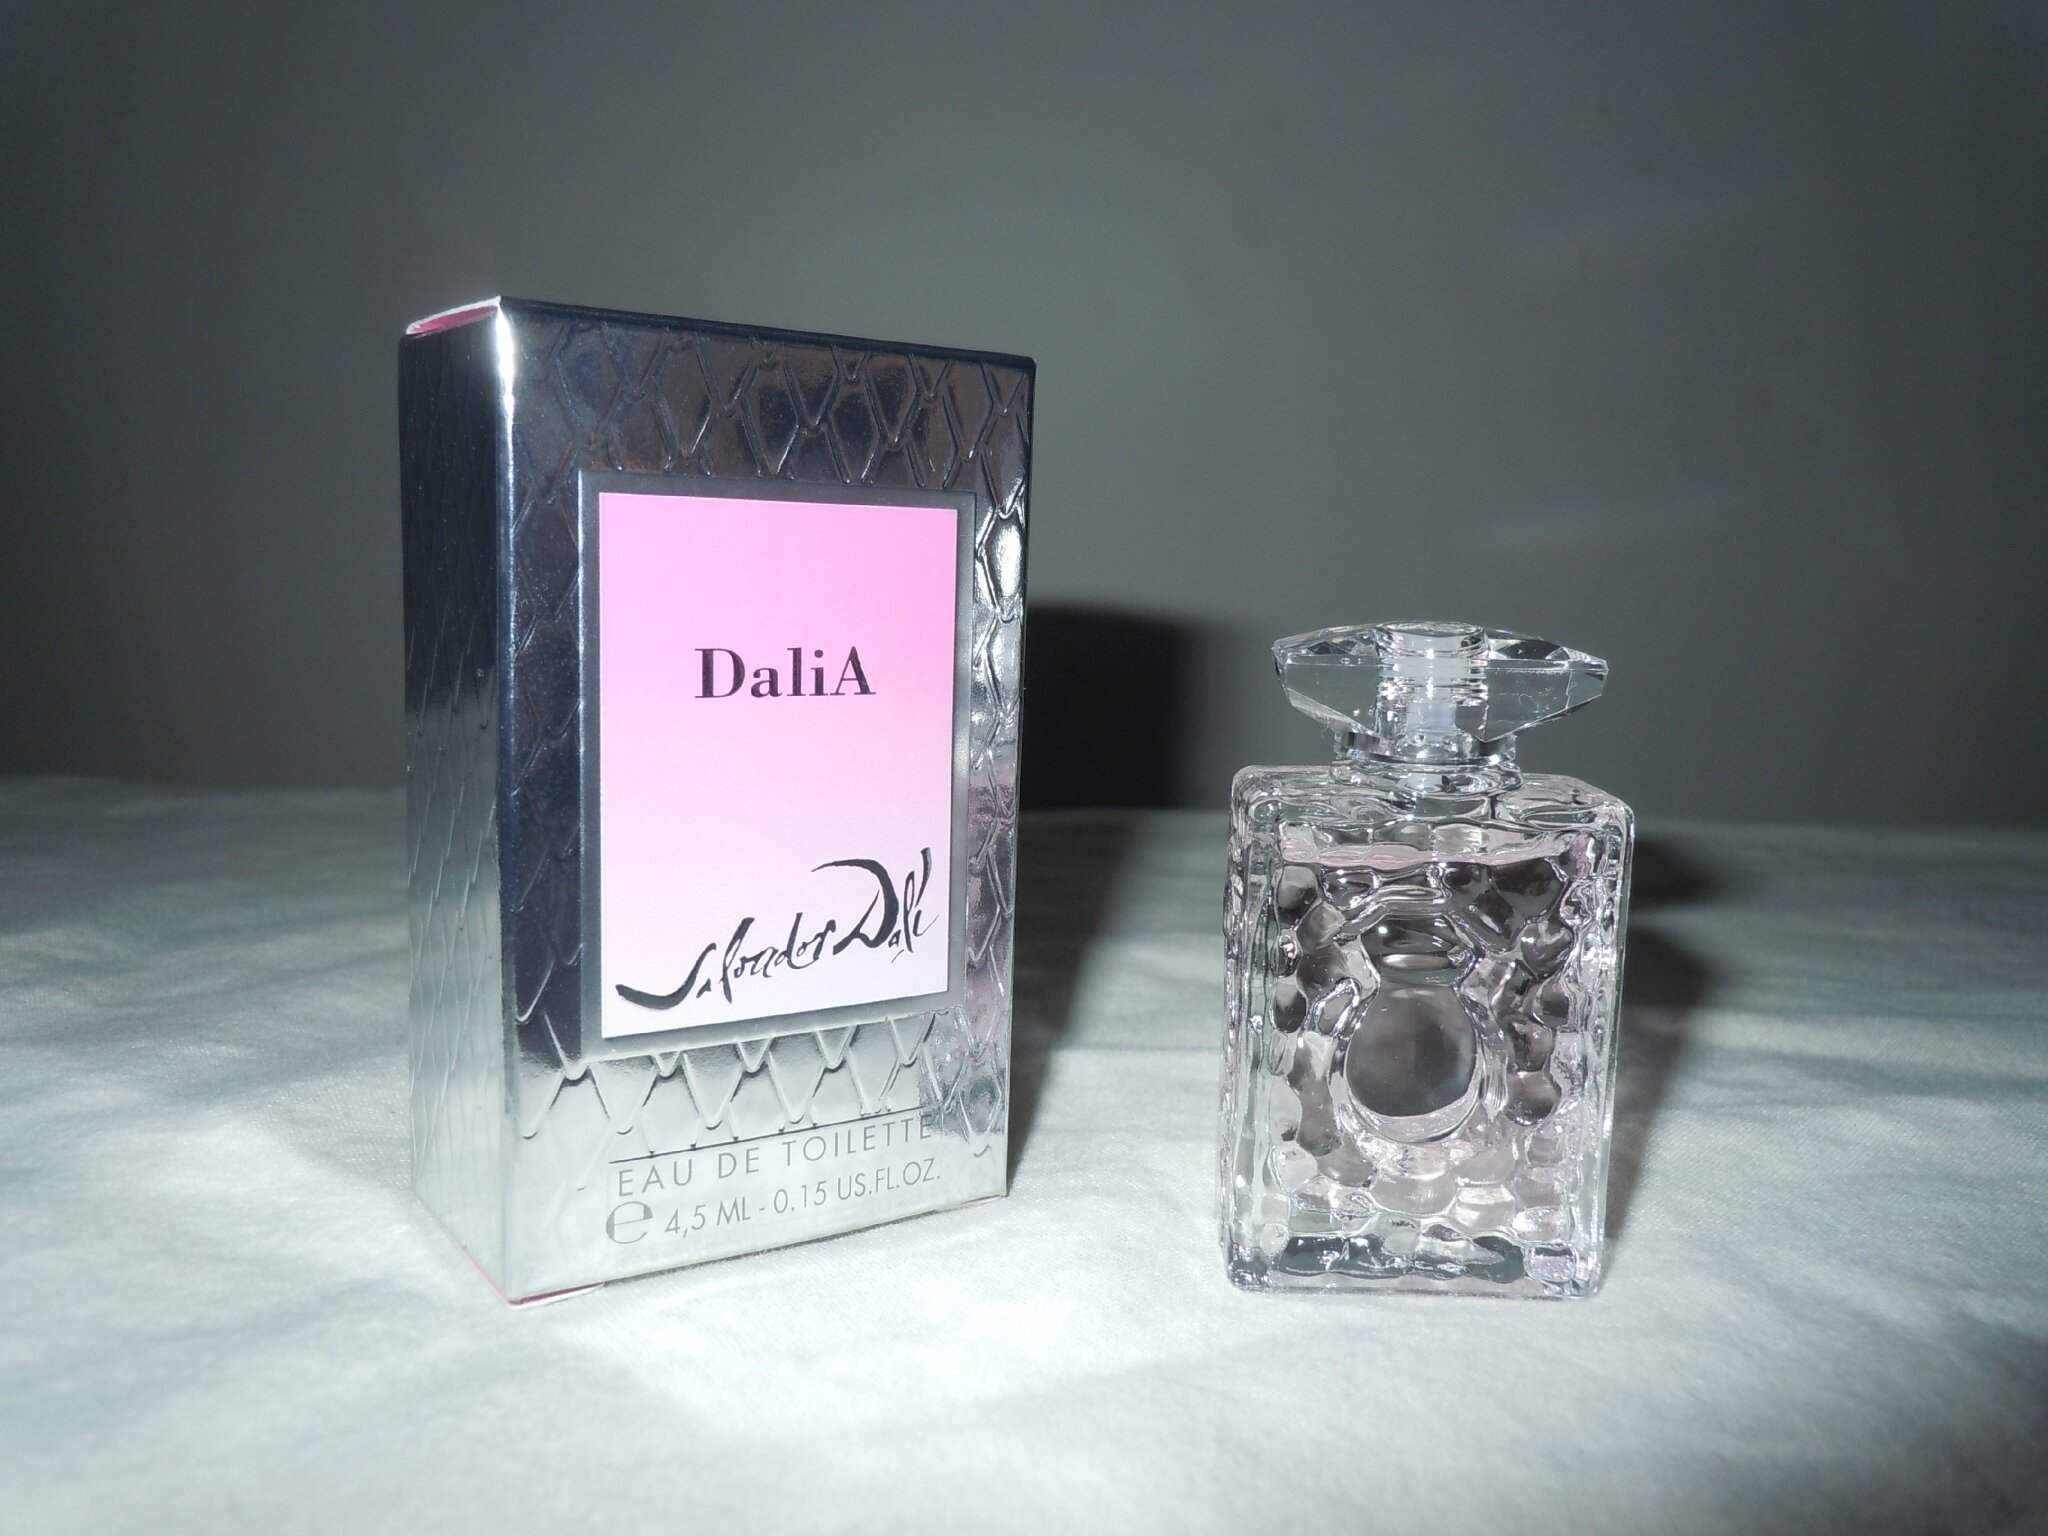 DALI-DALIA